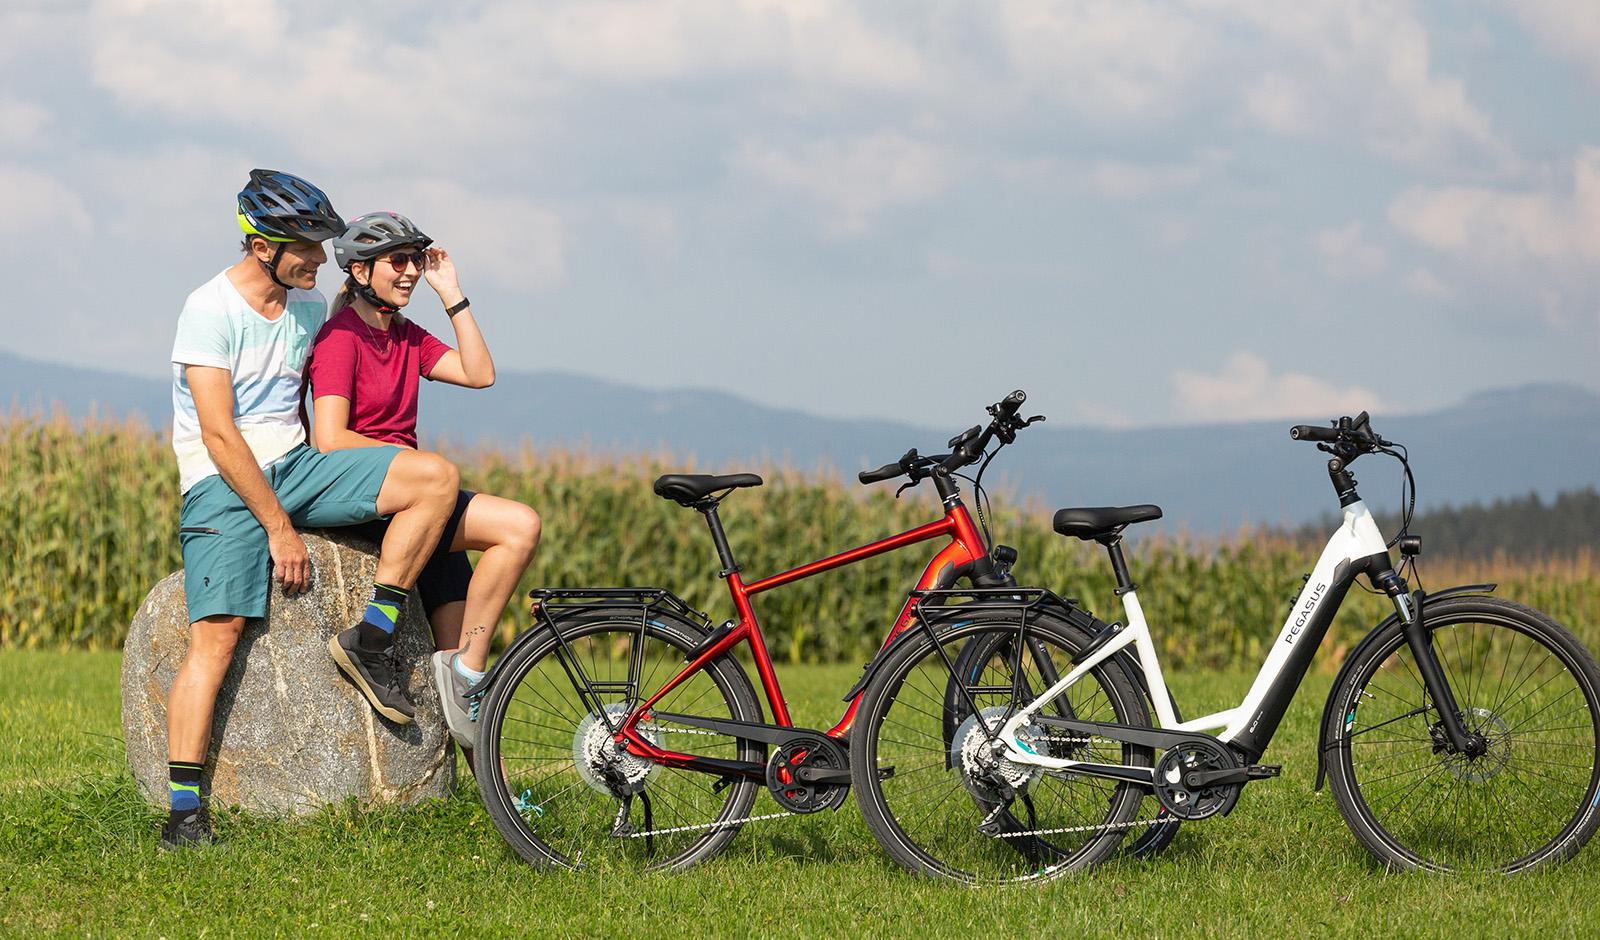 Fahrrad-Frühling startet jetzt richtig durch